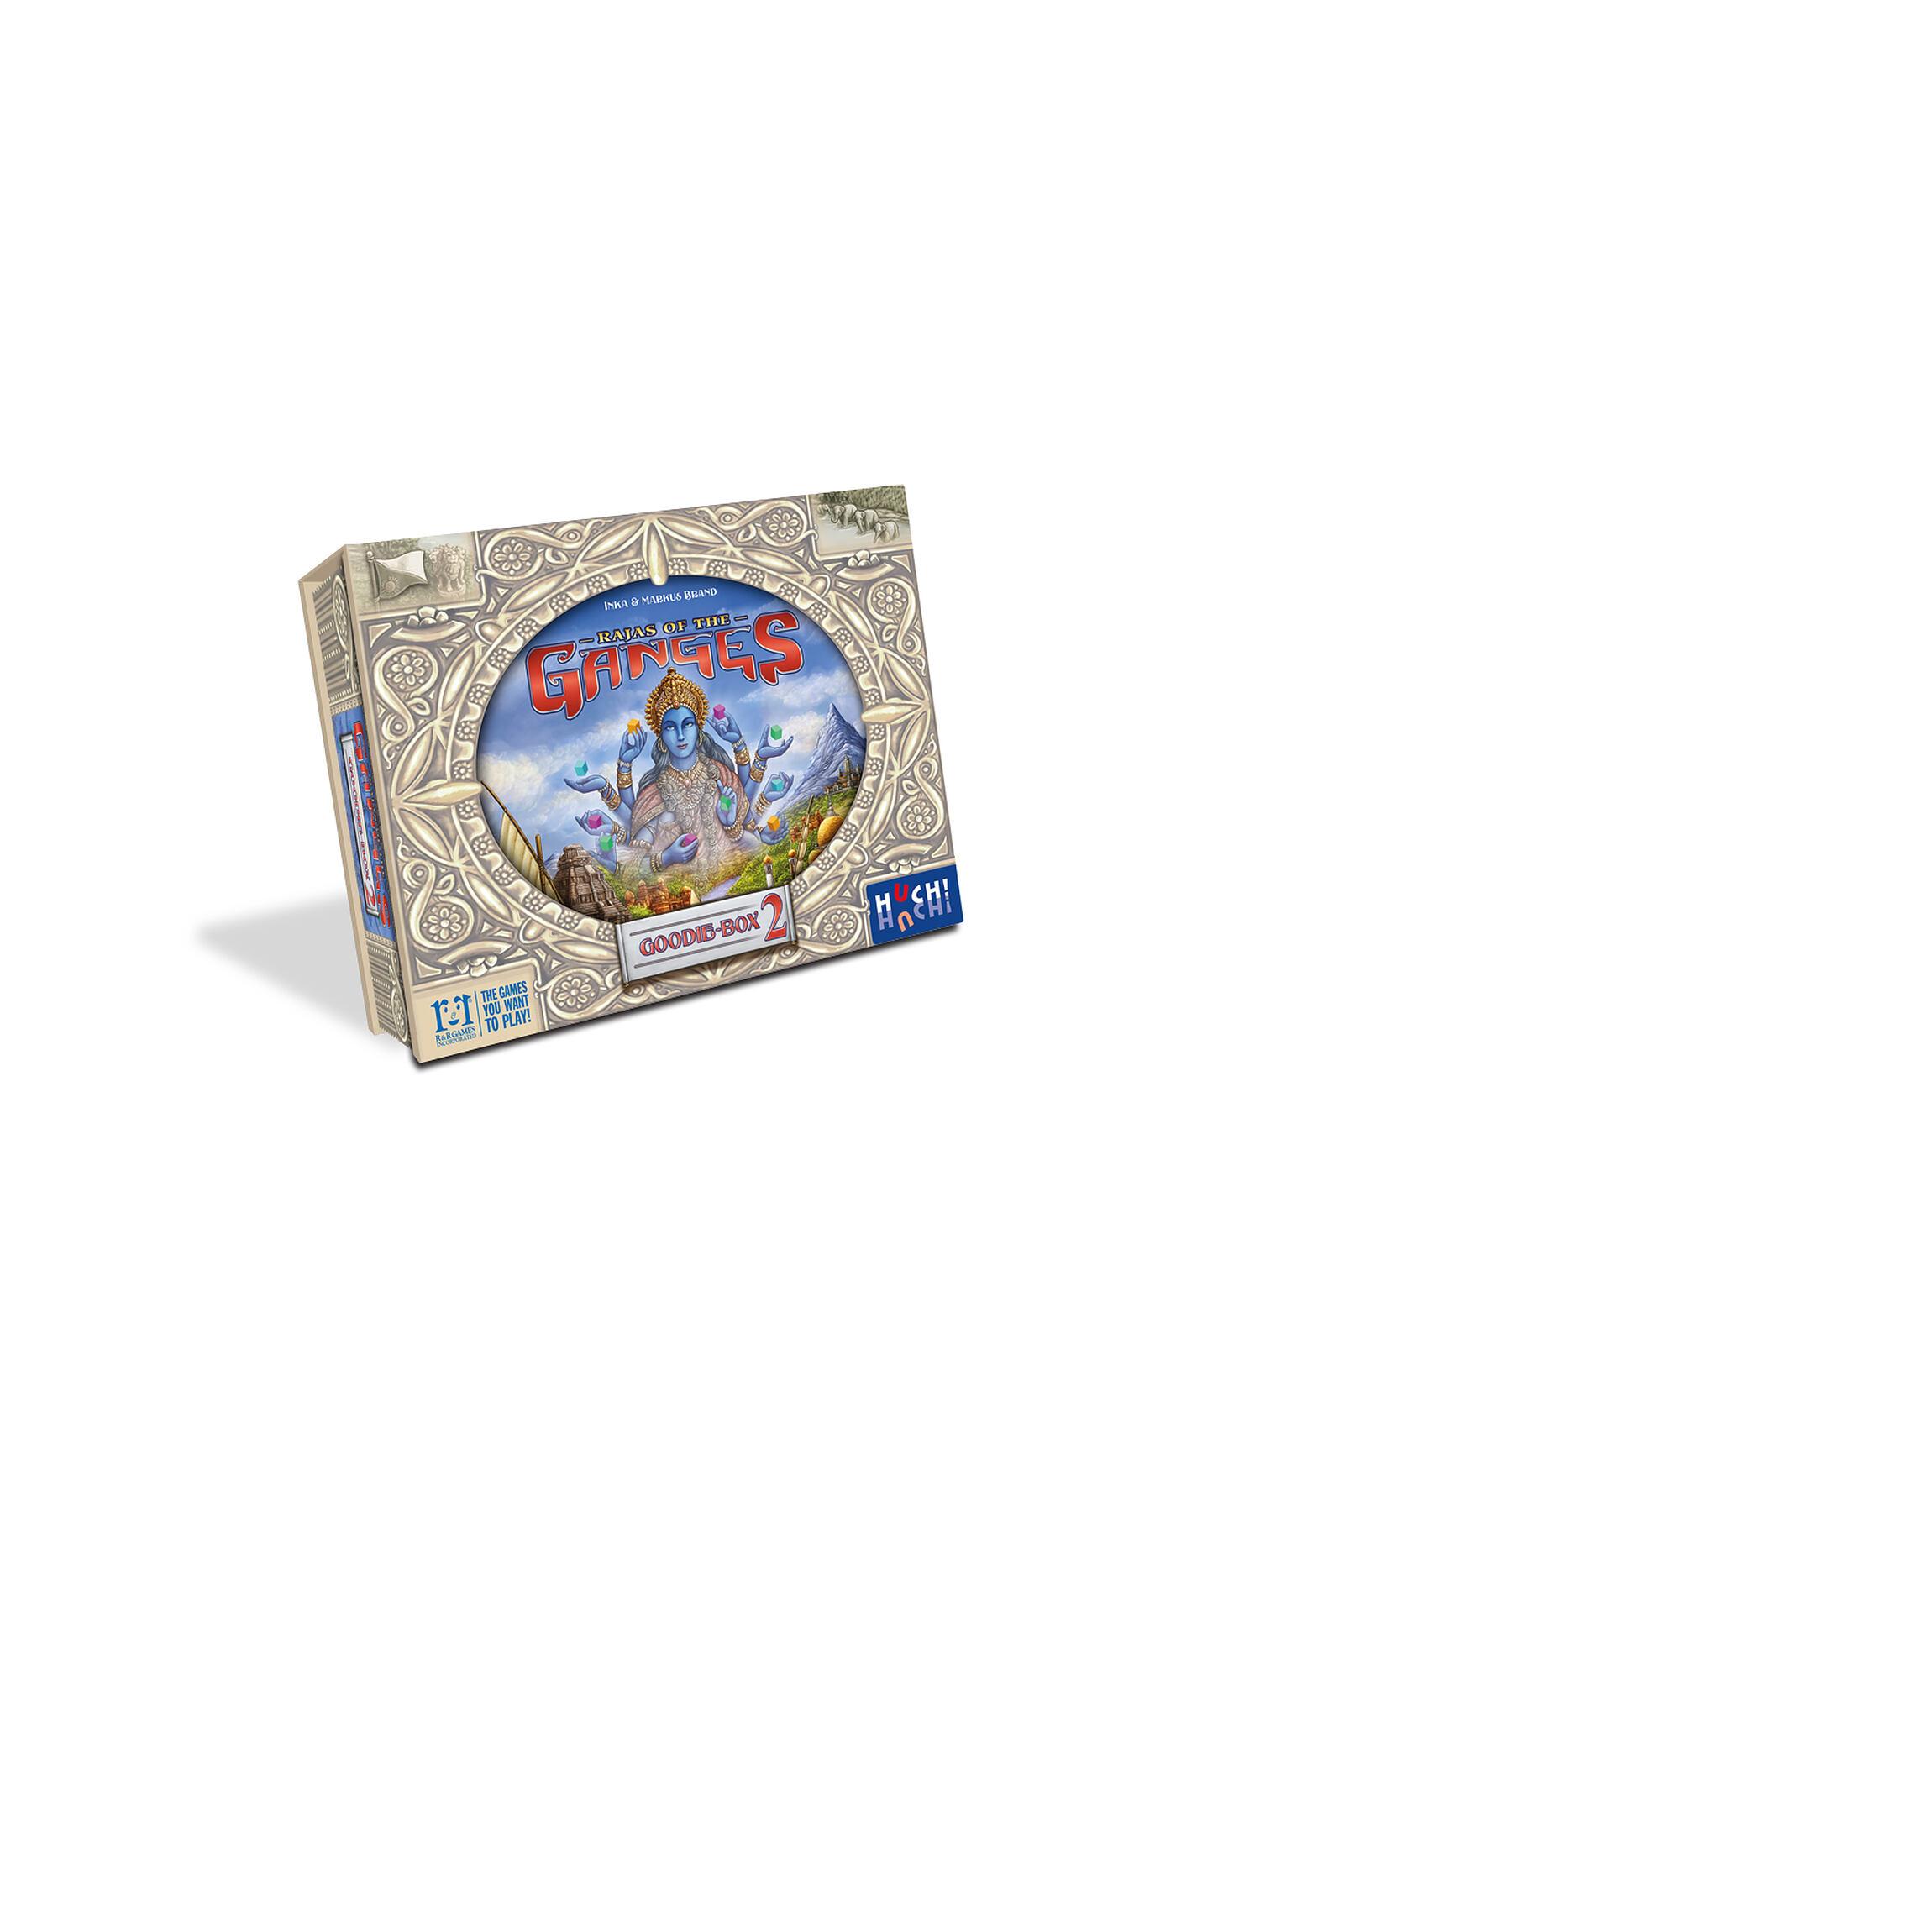 Rajas of the Ganges - Goodie Box #2